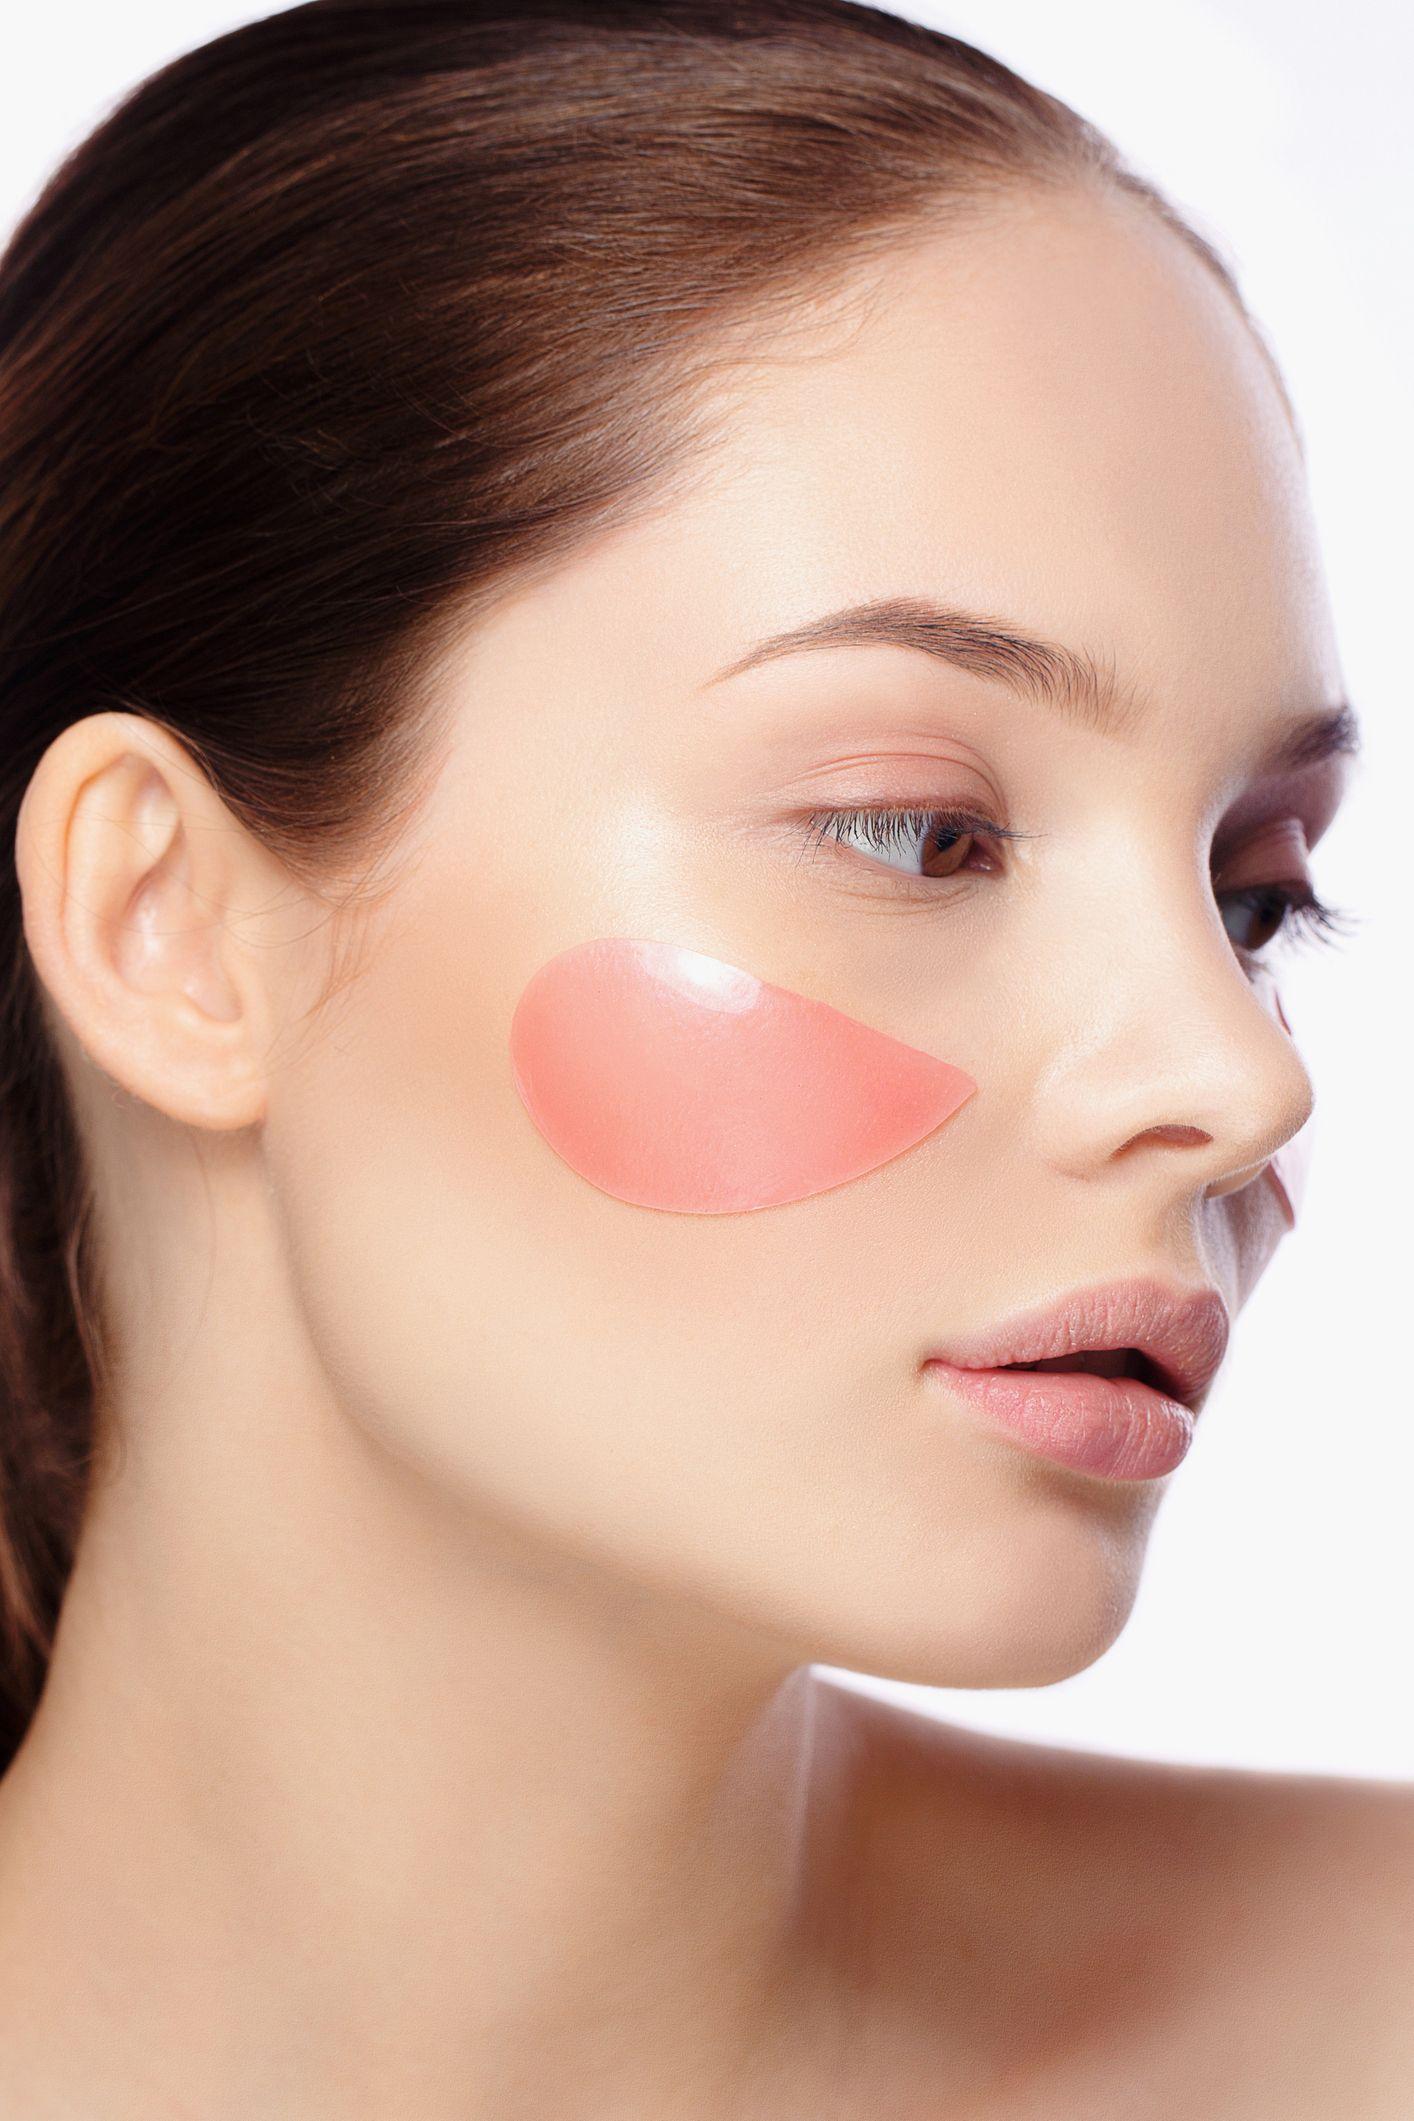 消す 方法 の 顔 赤み を ニキビ跡の赤みを早く治す方法